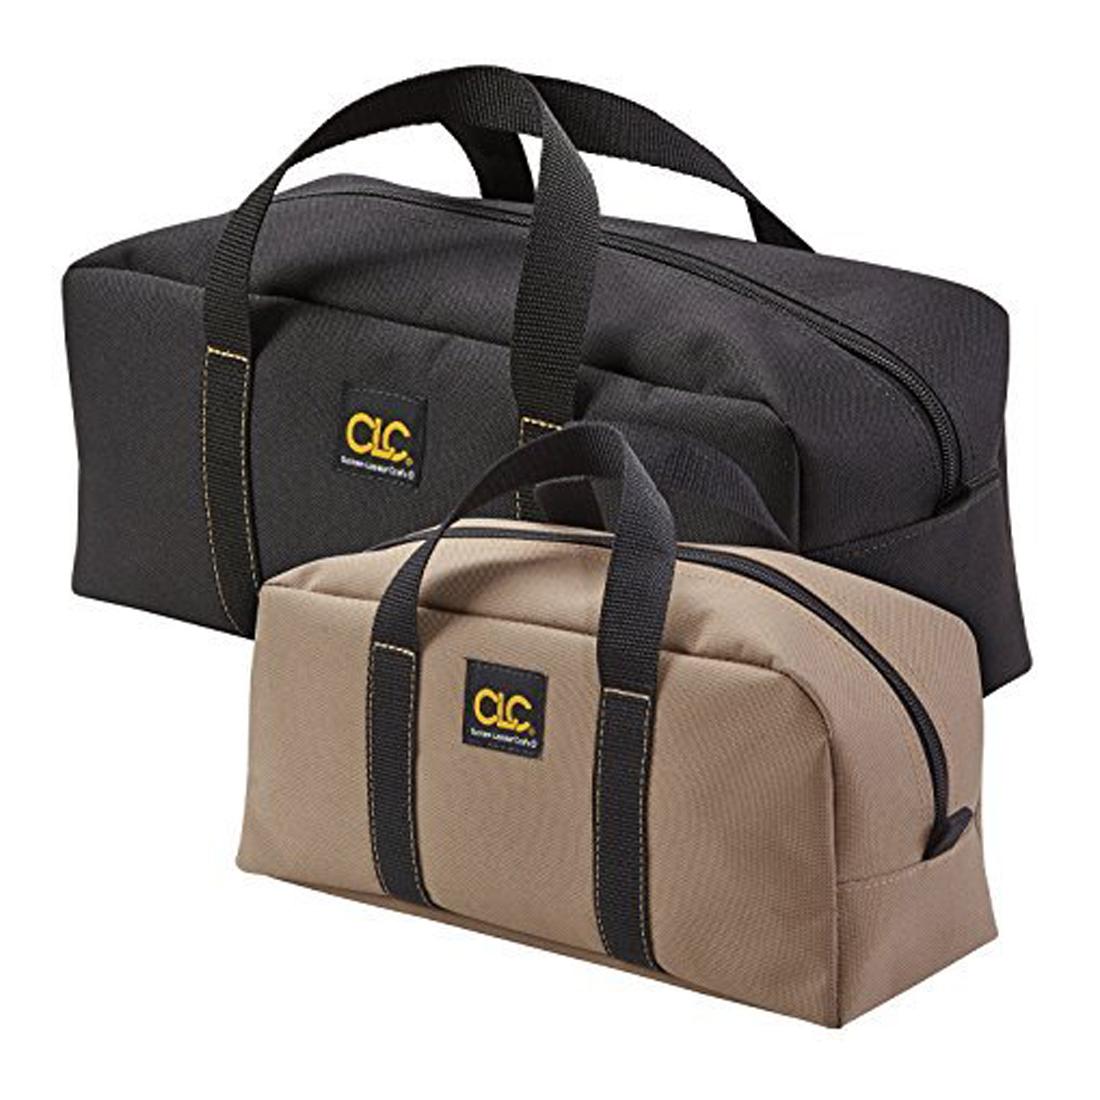 Tool Bag Combo Set image